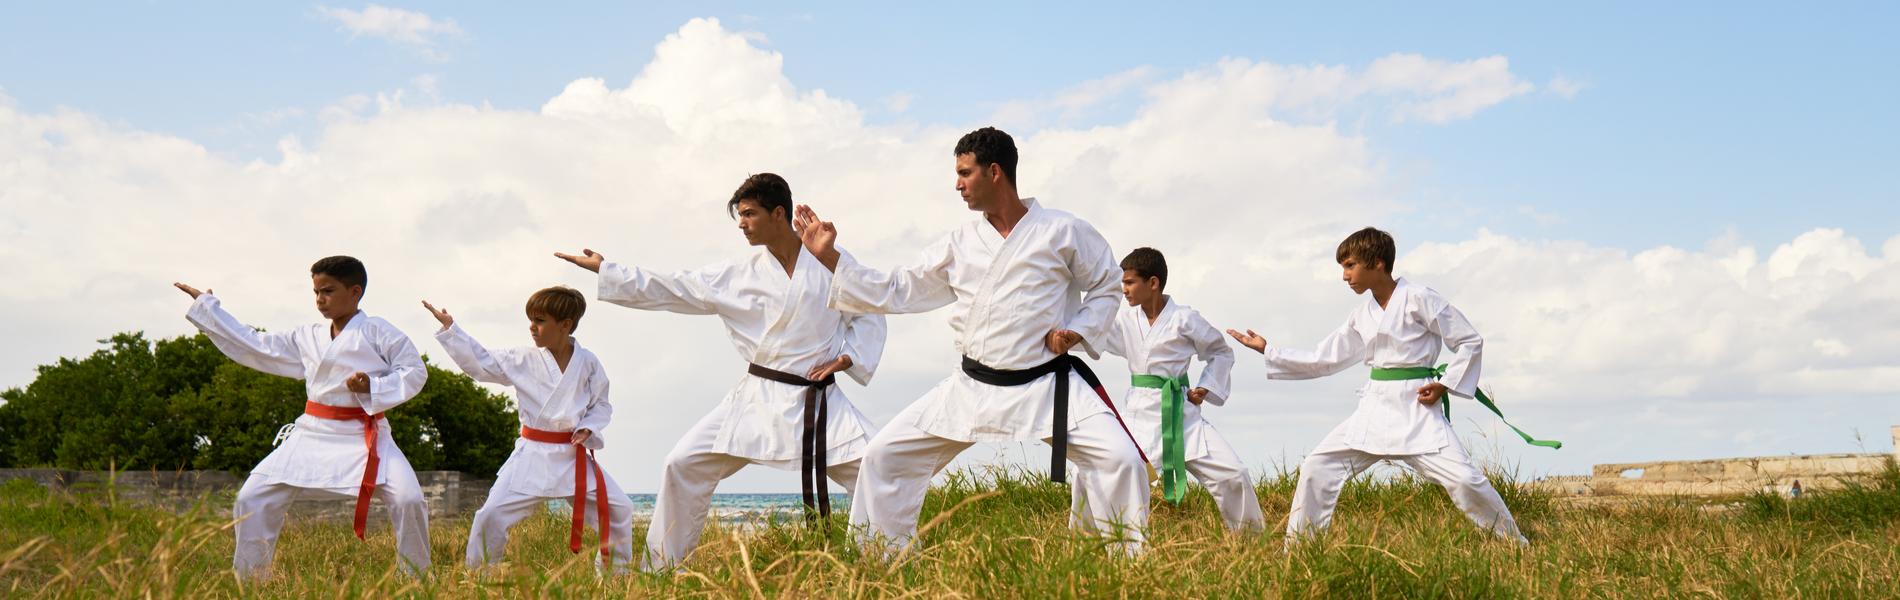 martial arts community events